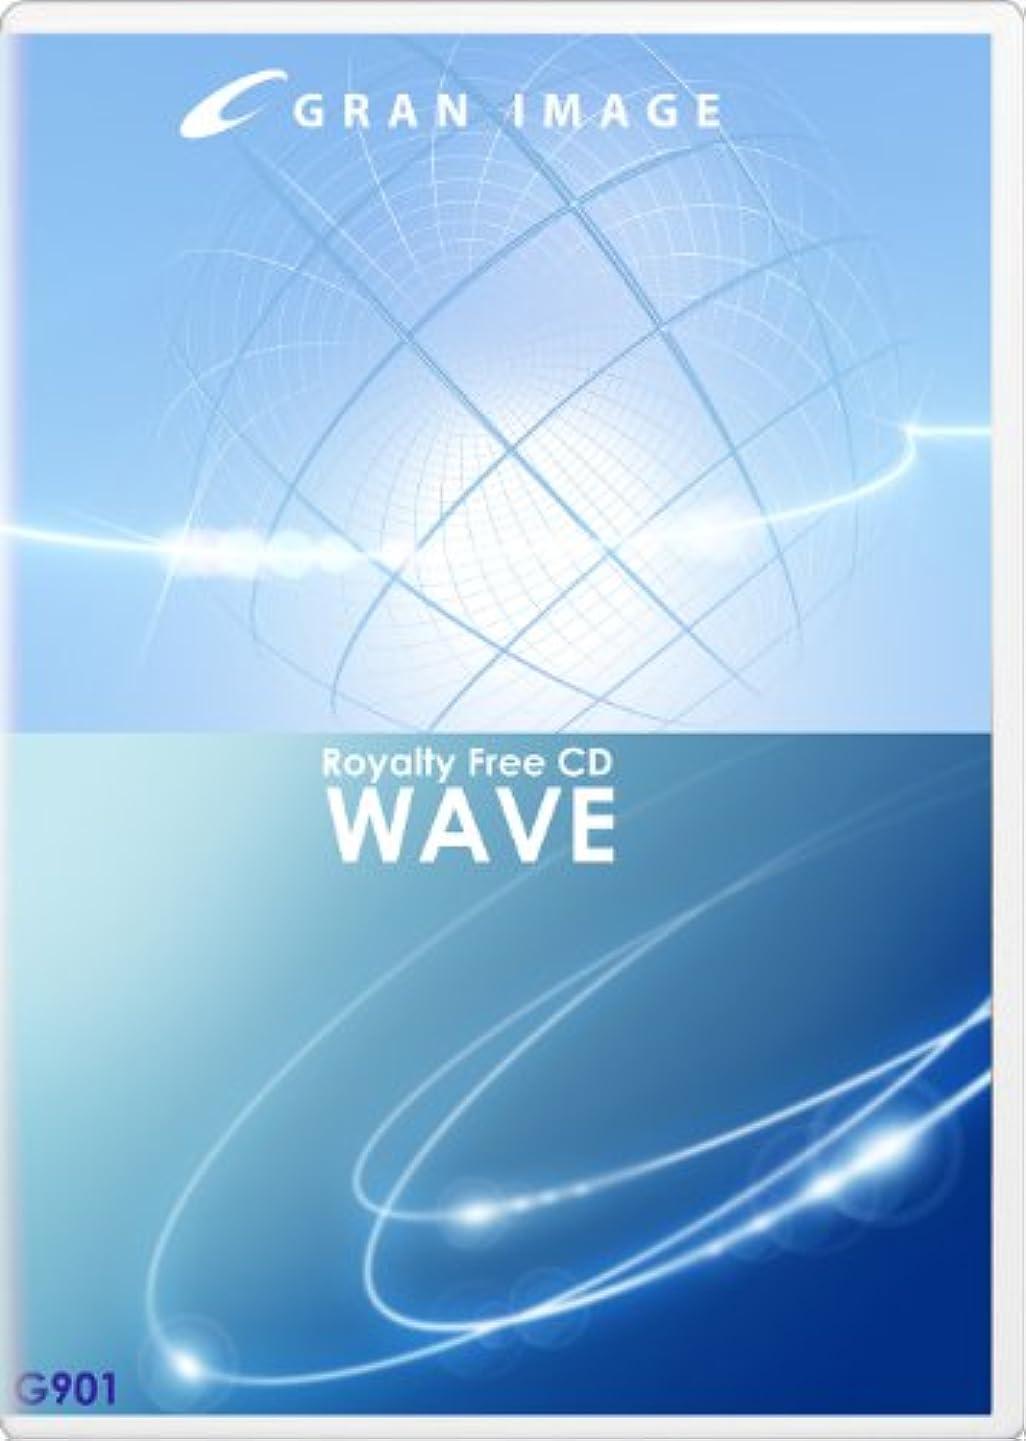 肌寒い暴君配送グランイメージ G901 WAVE ハイレゾウェーブ(ロイヤリティフリーCG素材集)